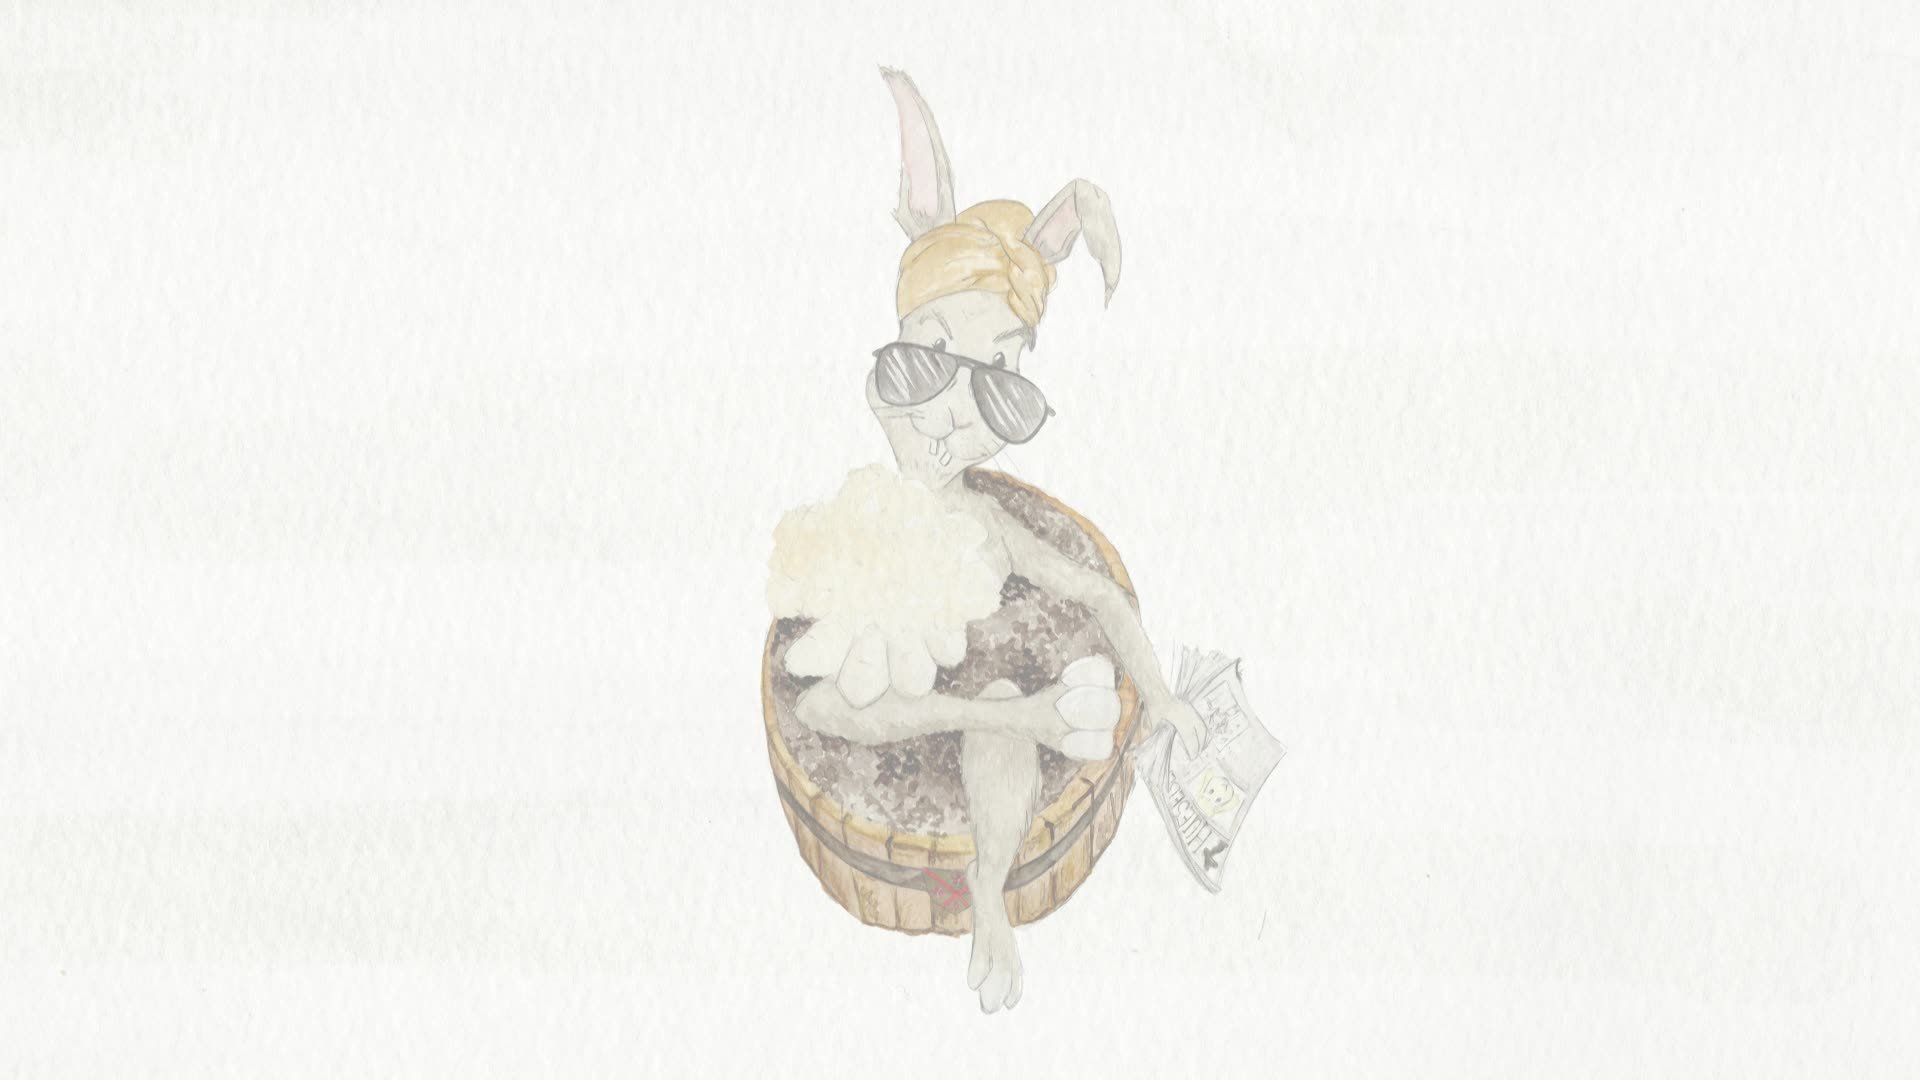 »De Wëlle leeft am Bësch« (vu 4 Joer un) vum Diane Orban & Myriam Karels (Editions Schortgen)